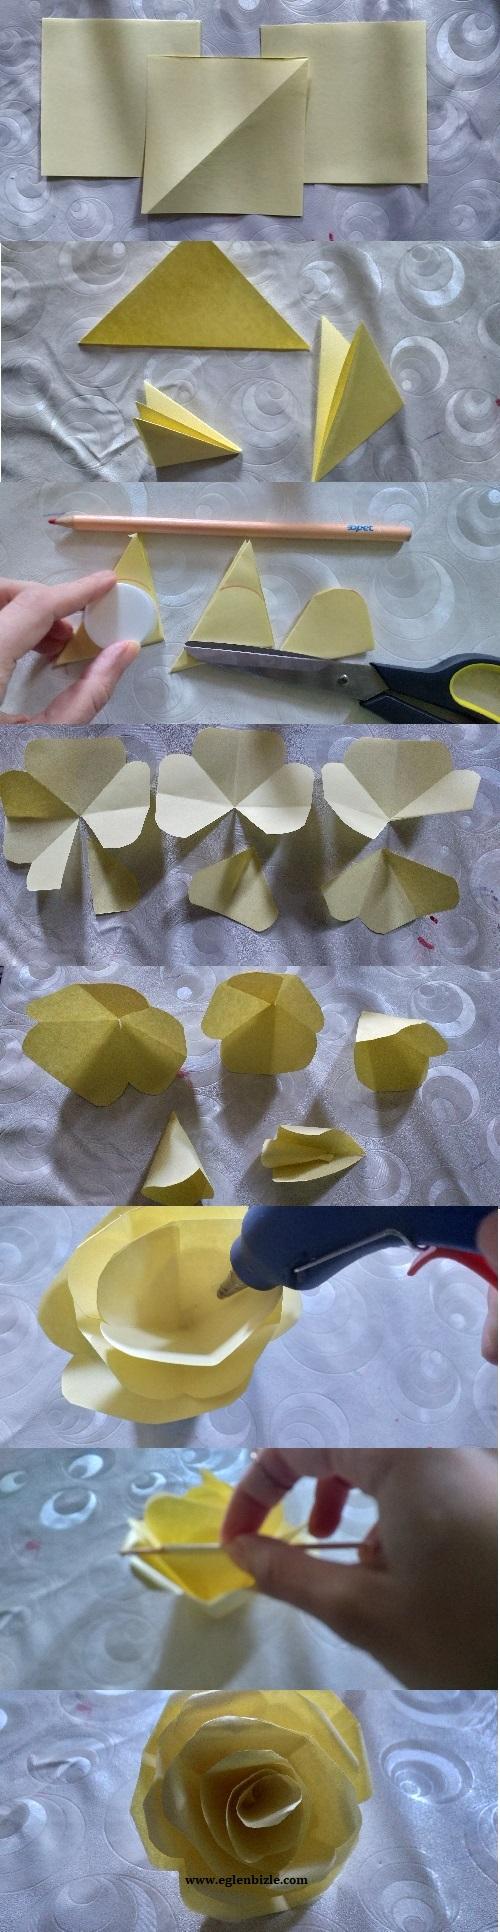 Kağıttan Gül Yapımı Resimli Anlatım-1